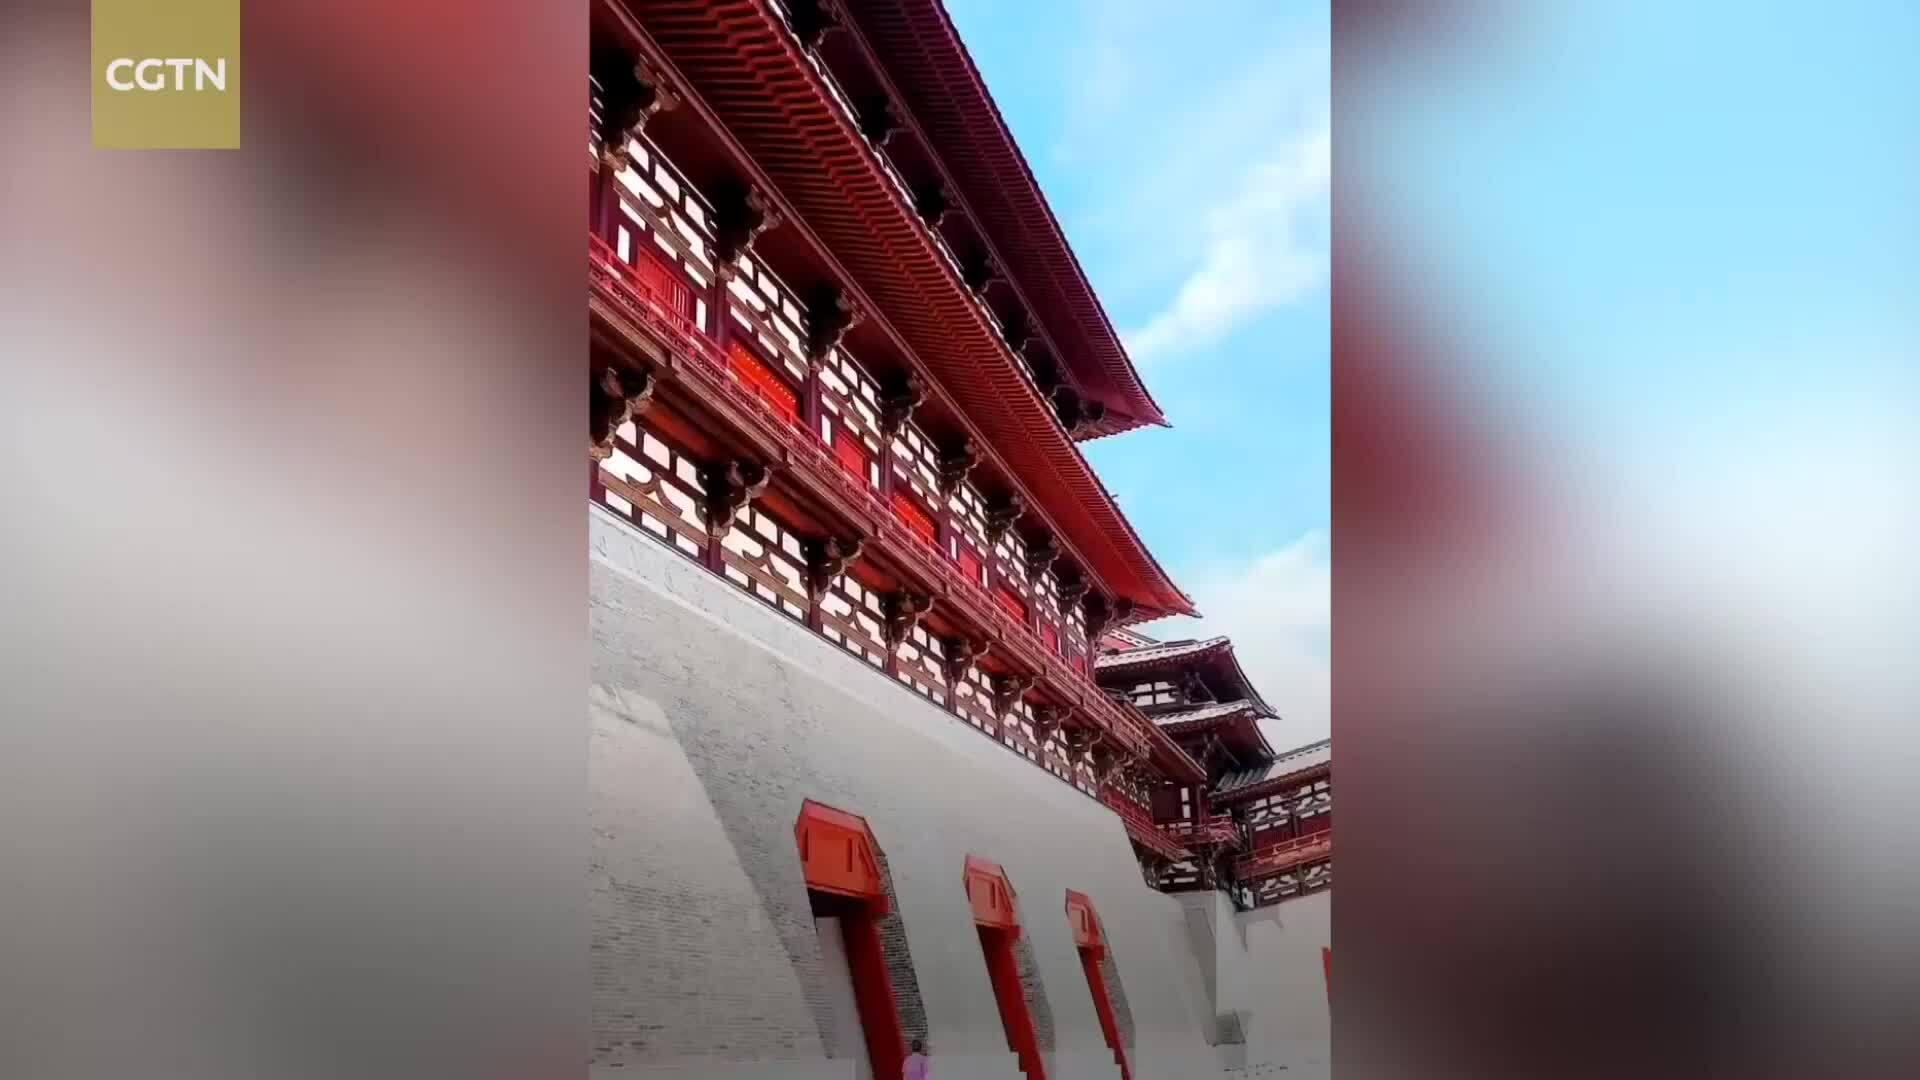 Khách Trung Quốc hiếu kỳ trước đám 'mây rồng'